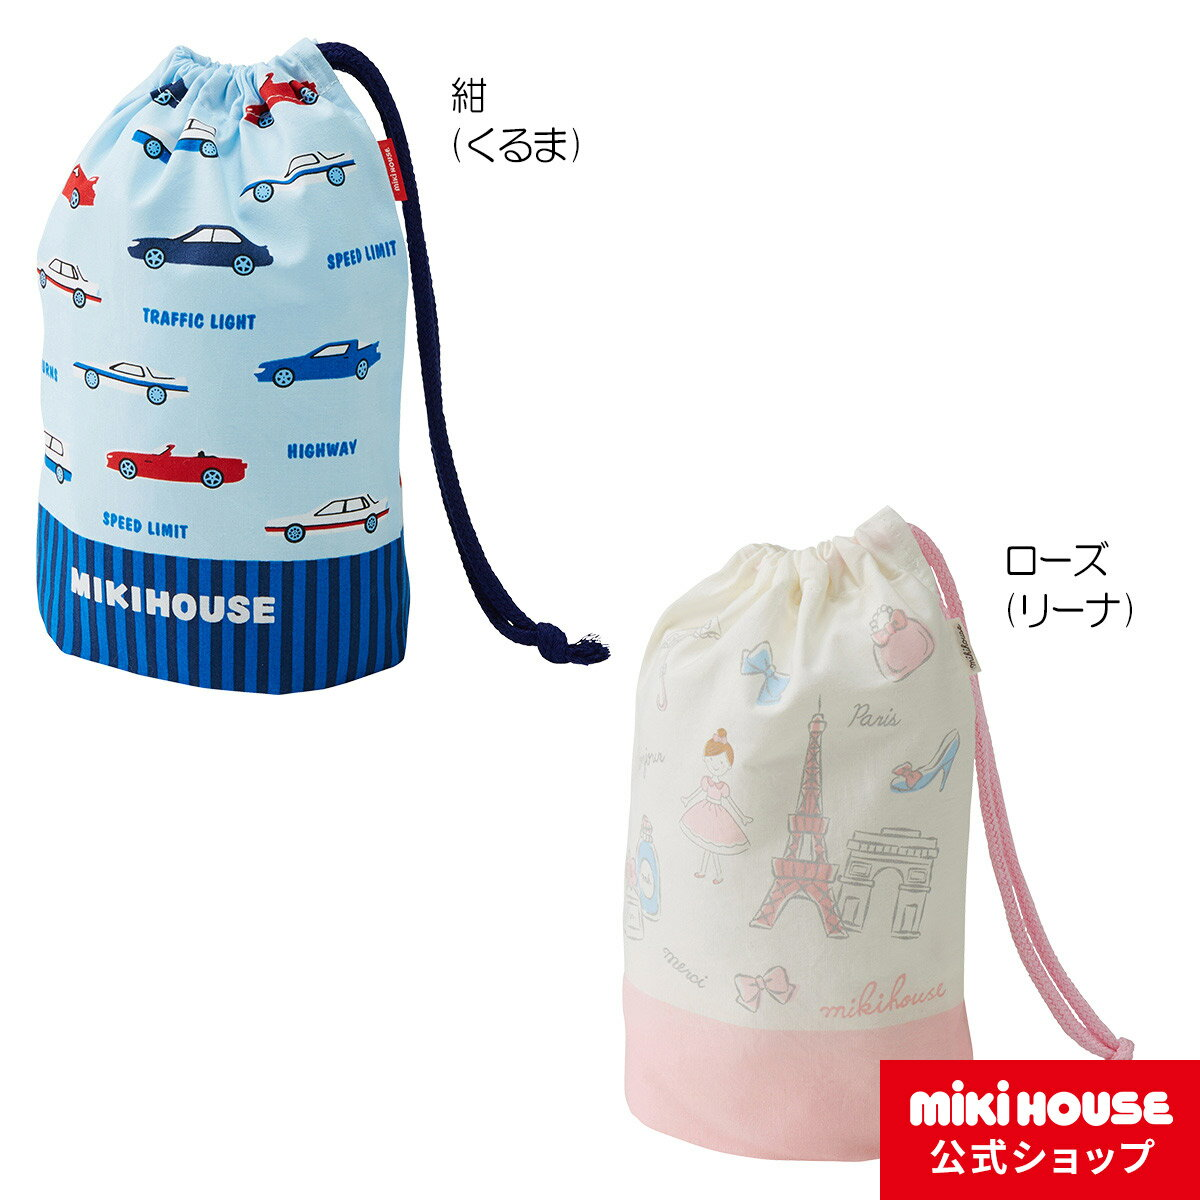 ミキハウス mikihouse コップ袋